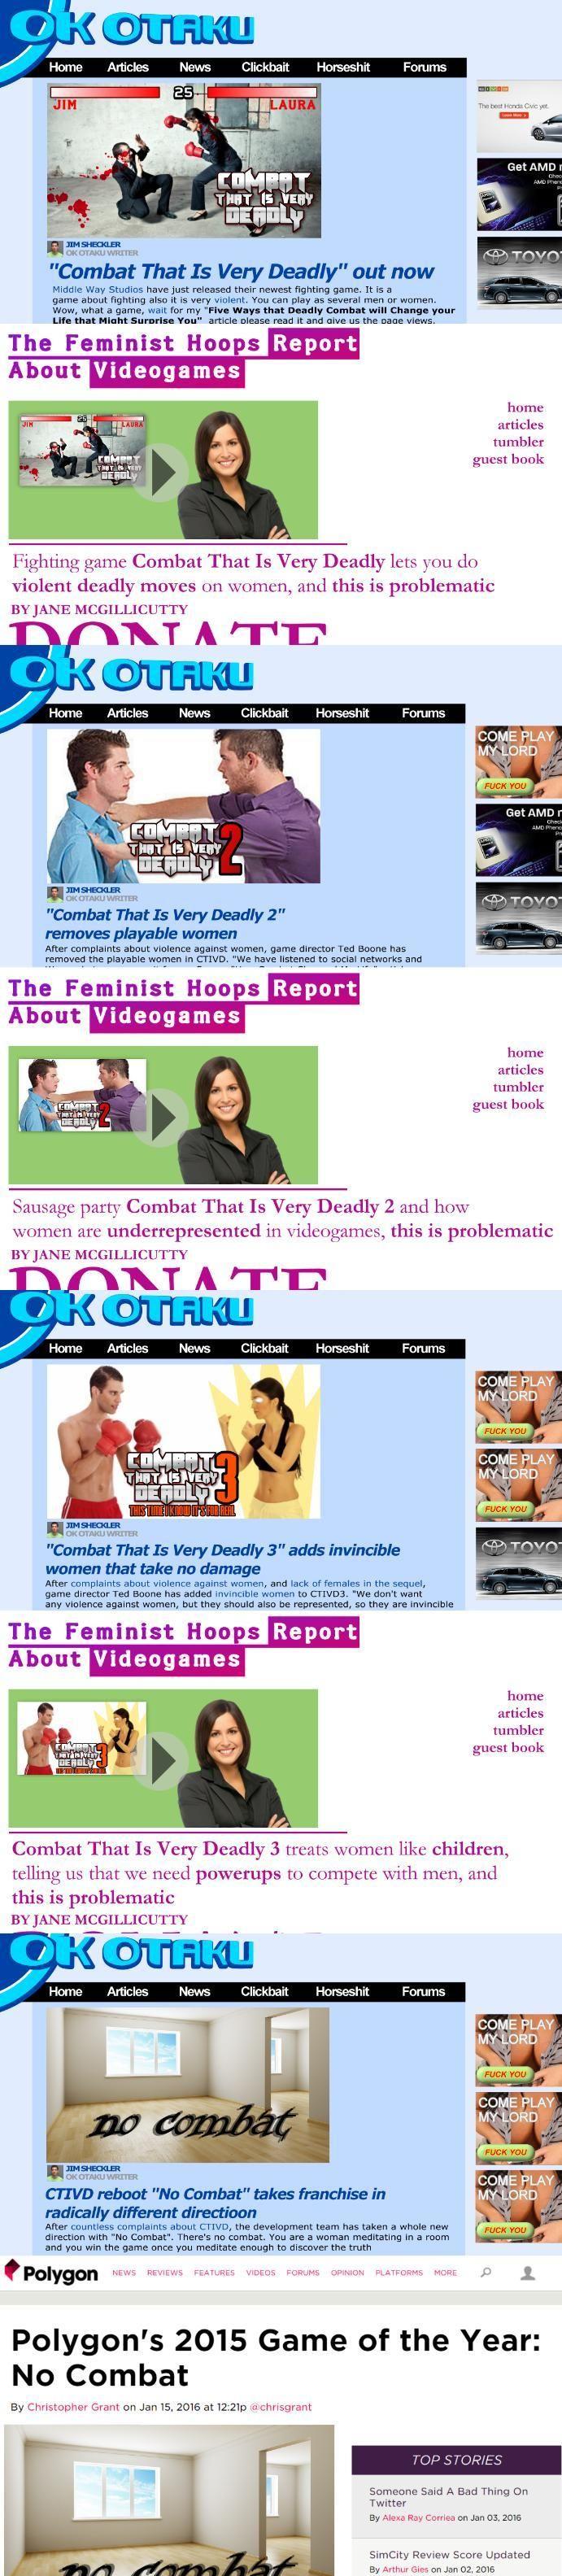 No Combat - Polygon - Know Your Meme